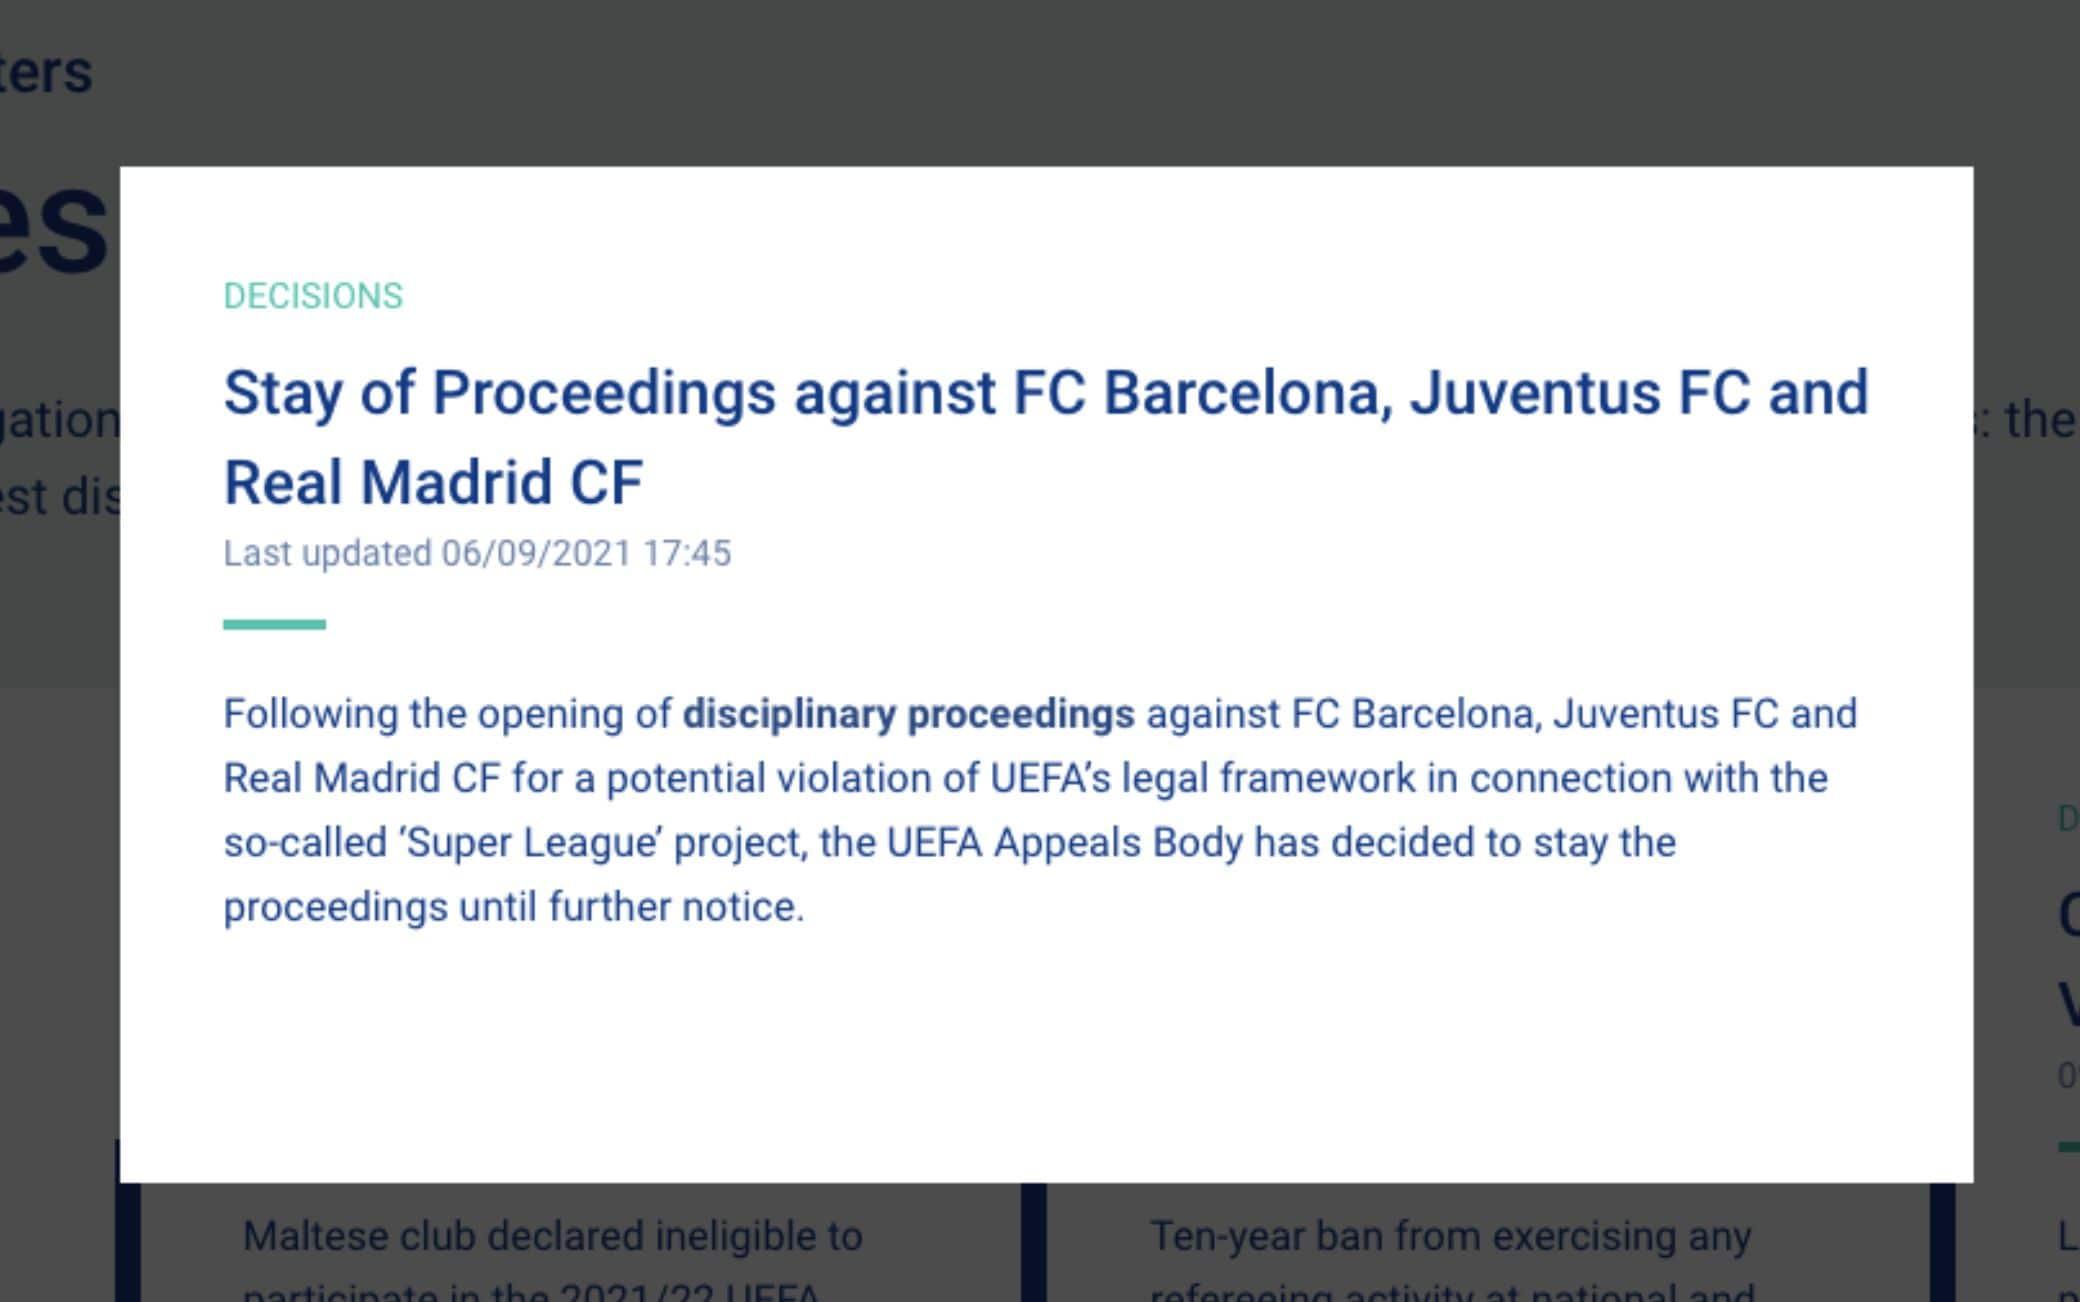 Il comunicato dell'Uefa